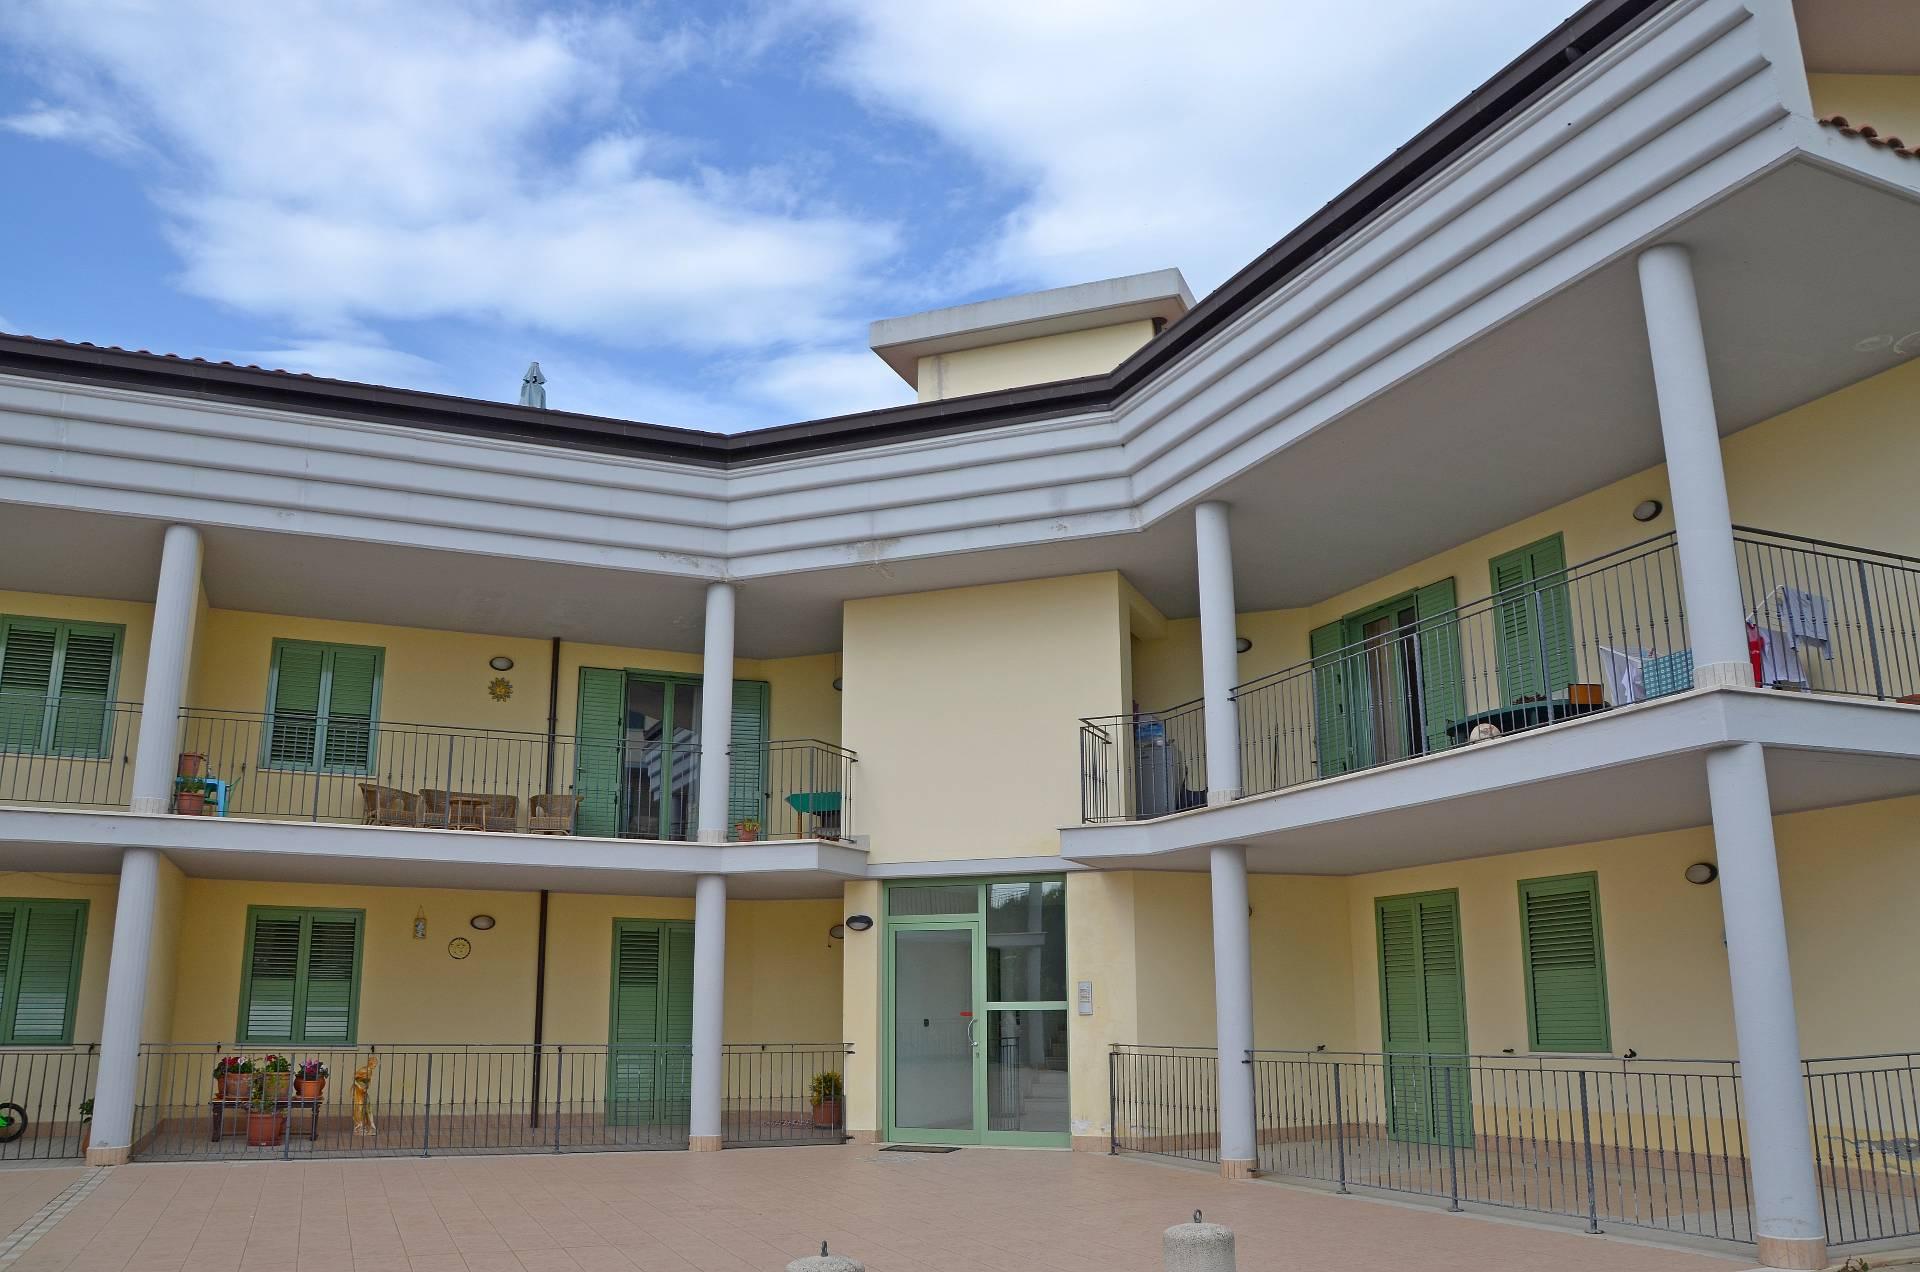 Appartamento in vendita a Città Sant'Angelo, 4 locali, zona Zona: Cona, prezzo € 154.000 | CambioCasa.it